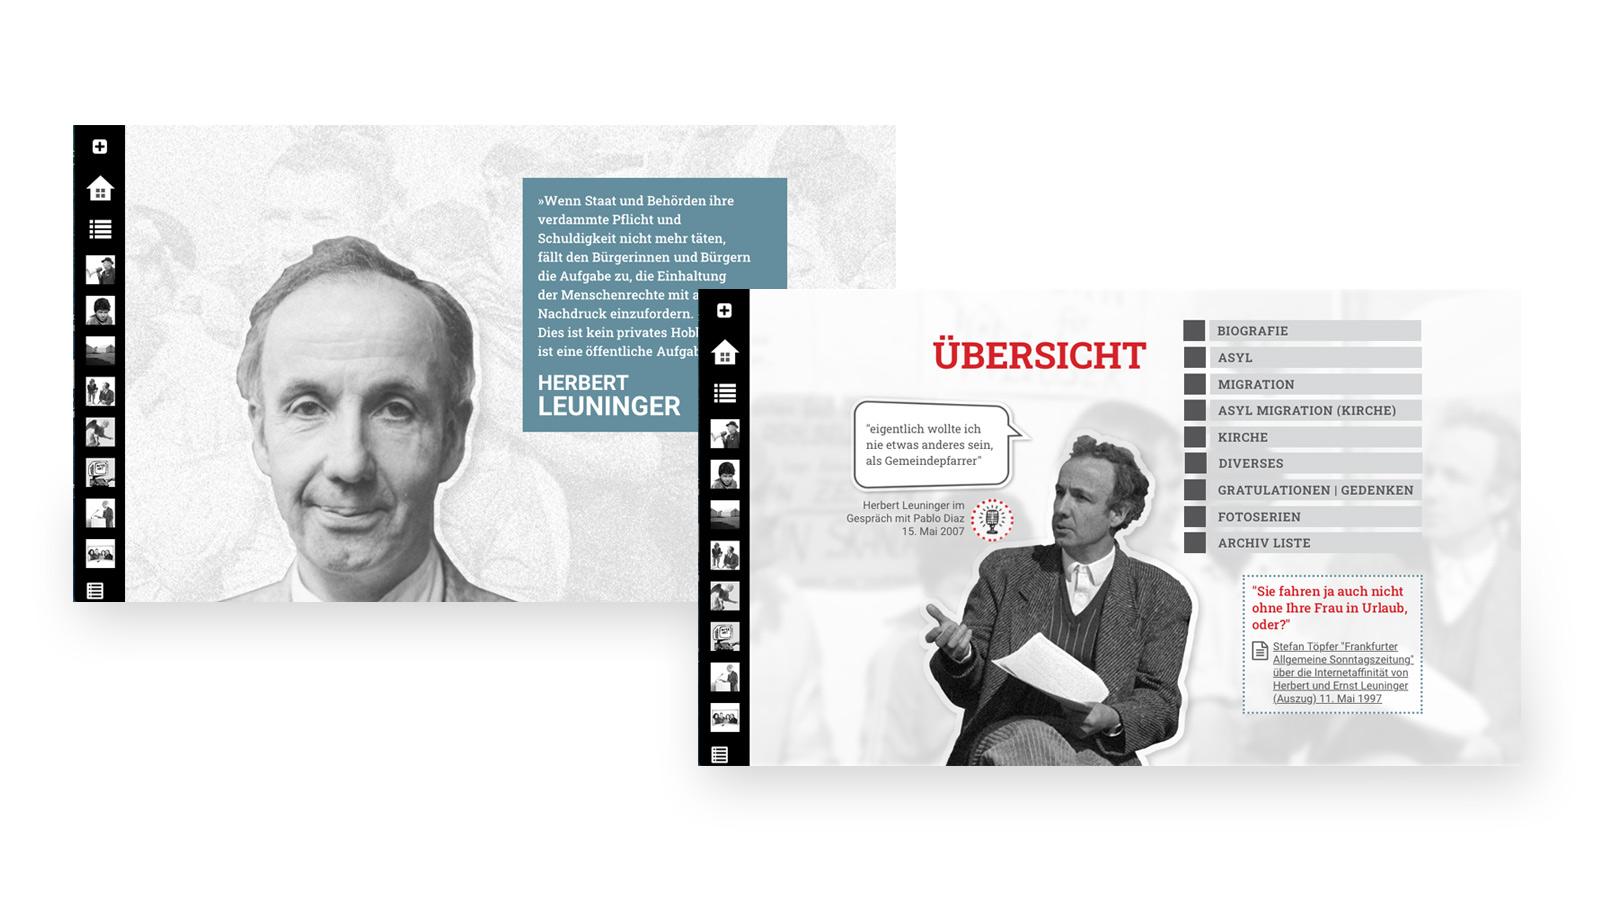 Archiv und Portrait – Herbert Leuninger